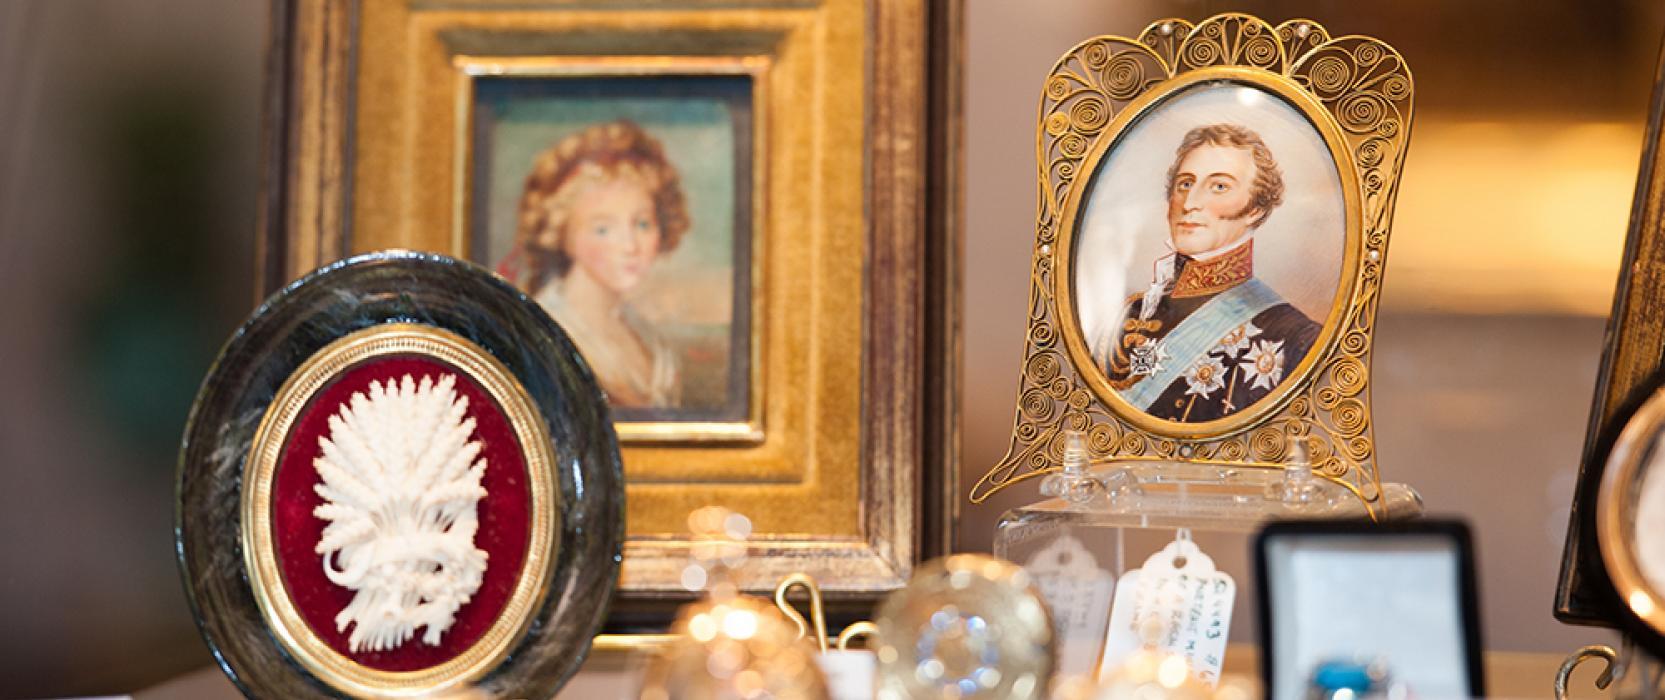 unique antiques and art collection